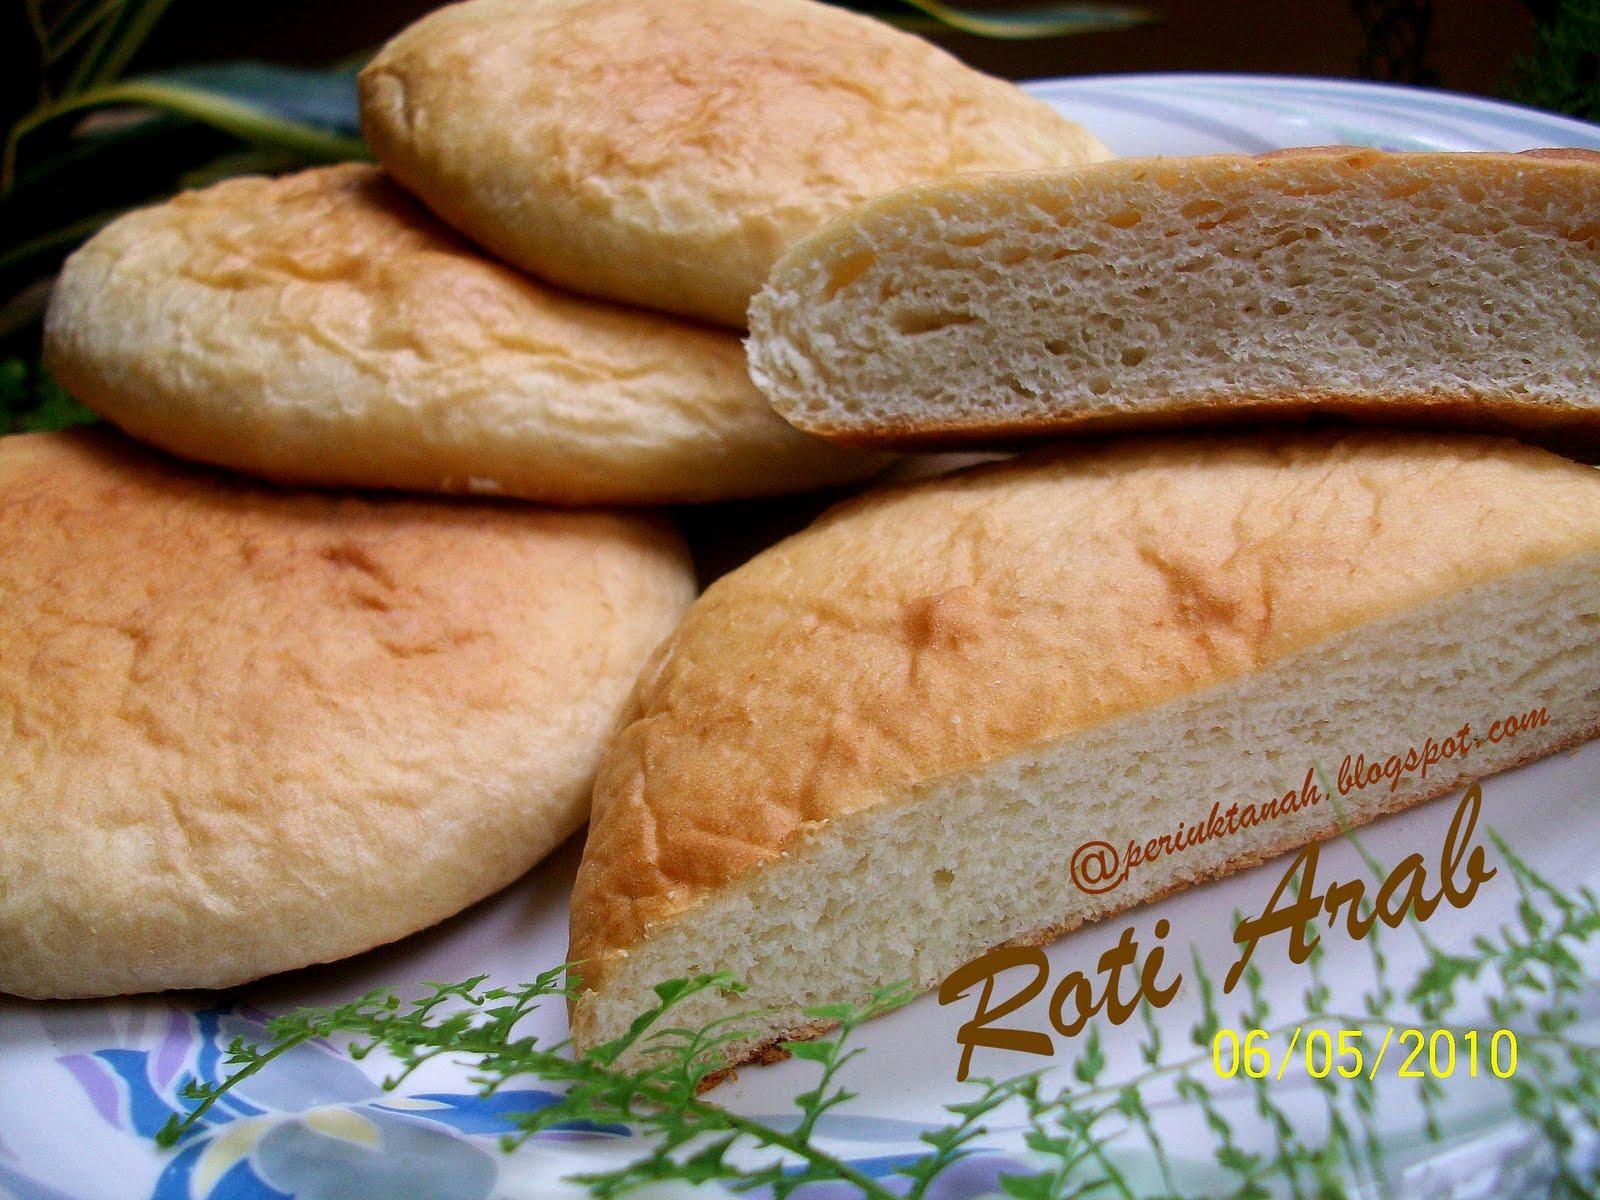 periuktanah: Roti Arab